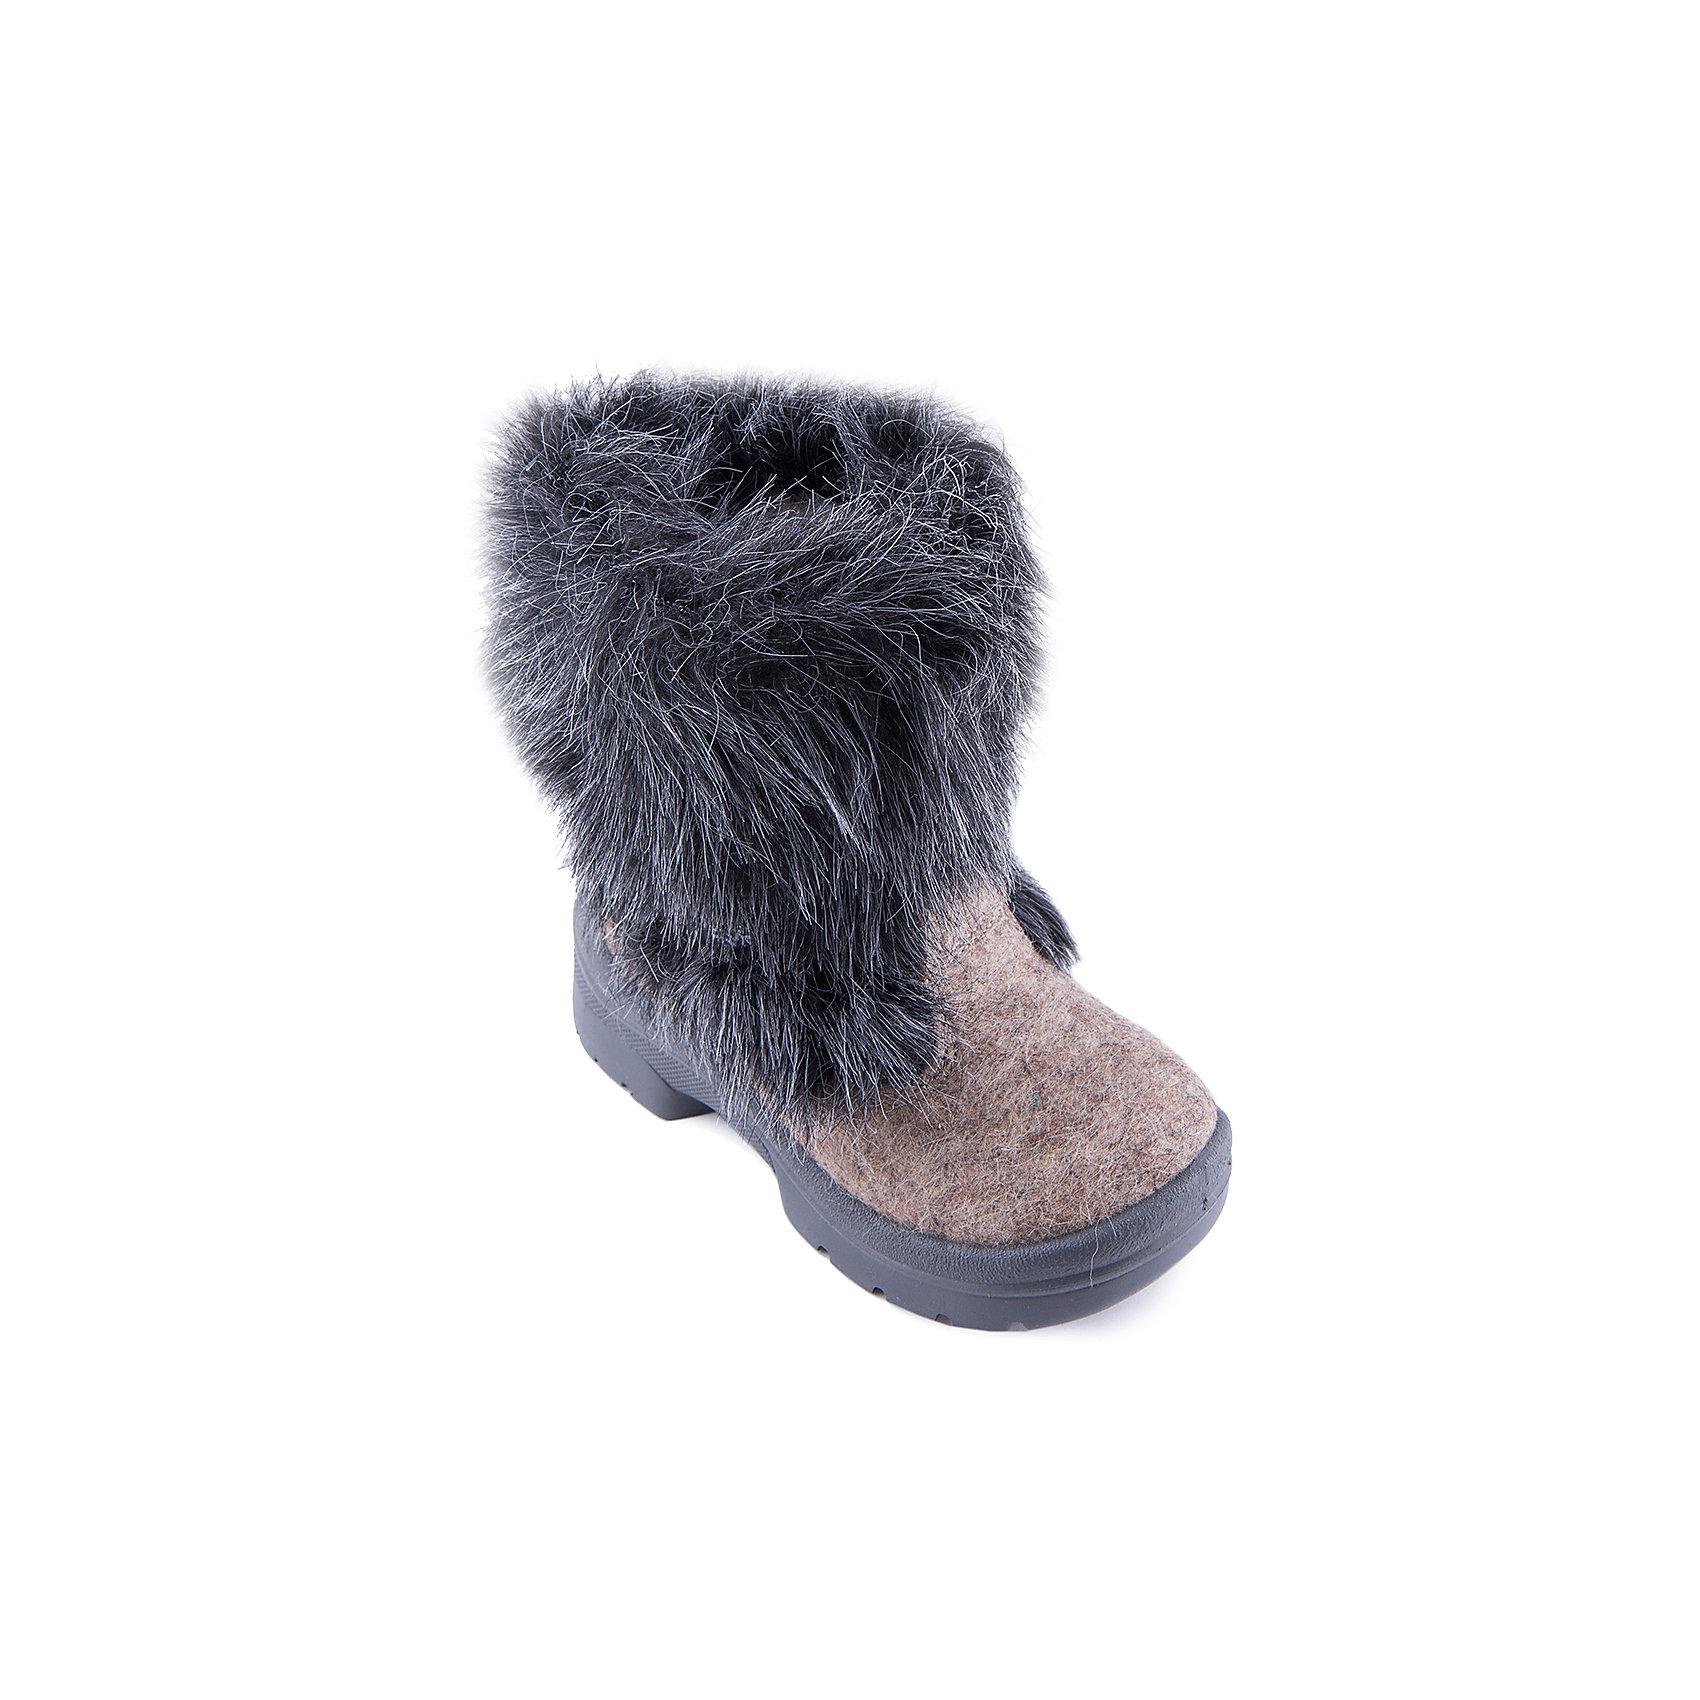 Валенки Ночная сказка для мальчика ФилипокВаленки<br>Характеристики товара:<br><br>• цвет: черный<br>• температурный режим: от -5° С до -30° С<br>• внешний материал: эко-войлок (натуральная шерсть)<br>• подкладка: натуральная овечья шерсть<br>• стелька: шерстяной войлок (3,5 мм)<br>• подошва: литая, полиуретан<br>• декорированы искусственным мехом<br>• подошва с анти скользящей с системой протектора anti slip<br>• защита носка - натуральная кожа с износостойкой пропиткой<br>• усиленная пятка<br>• толстая устойчивая подошва<br>• страна бренда: РФ<br>• страна изготовитель: РФ<br><br>Очень теплые и удобные валенки для ребенка от известного бренда детской обуви Филипок созданы специально для русской зимы. Качественные материалы с пропиткой против попадания воды внутрь и модный дизайн понравятся и малышам и их родителям. Подошва и стелька обеспечат ребенку комфорт, сухость и тепло, позволяя в полной мере наслаждаться зимним отдыхом. Усиленная защита пятки и носка обеспечивает дополнительную безопасность детских ног в этих сапожках.<br>Эта красивая и удобная обувь прослужит долго благодаря отличному качеству. Производитель анти скользящее покрытие и амортизирующие свойства подошвы! Модель производится из качественных и проверенных материалов, которые безопасны для детей.<br><br>Валенки для мальчика от бренда Филипок можно купить в нашем интернет-магазине.<br><br>Ширина мм: 257<br>Глубина мм: 180<br>Высота мм: 130<br>Вес г: 420<br>Цвет: черный<br>Возраст от месяцев: 60<br>Возраст до месяцев: 72<br>Пол: Мужской<br>Возраст: Детский<br>Размер: 24,29,25,27,32,31,30,28,26<br>SKU: 4207133